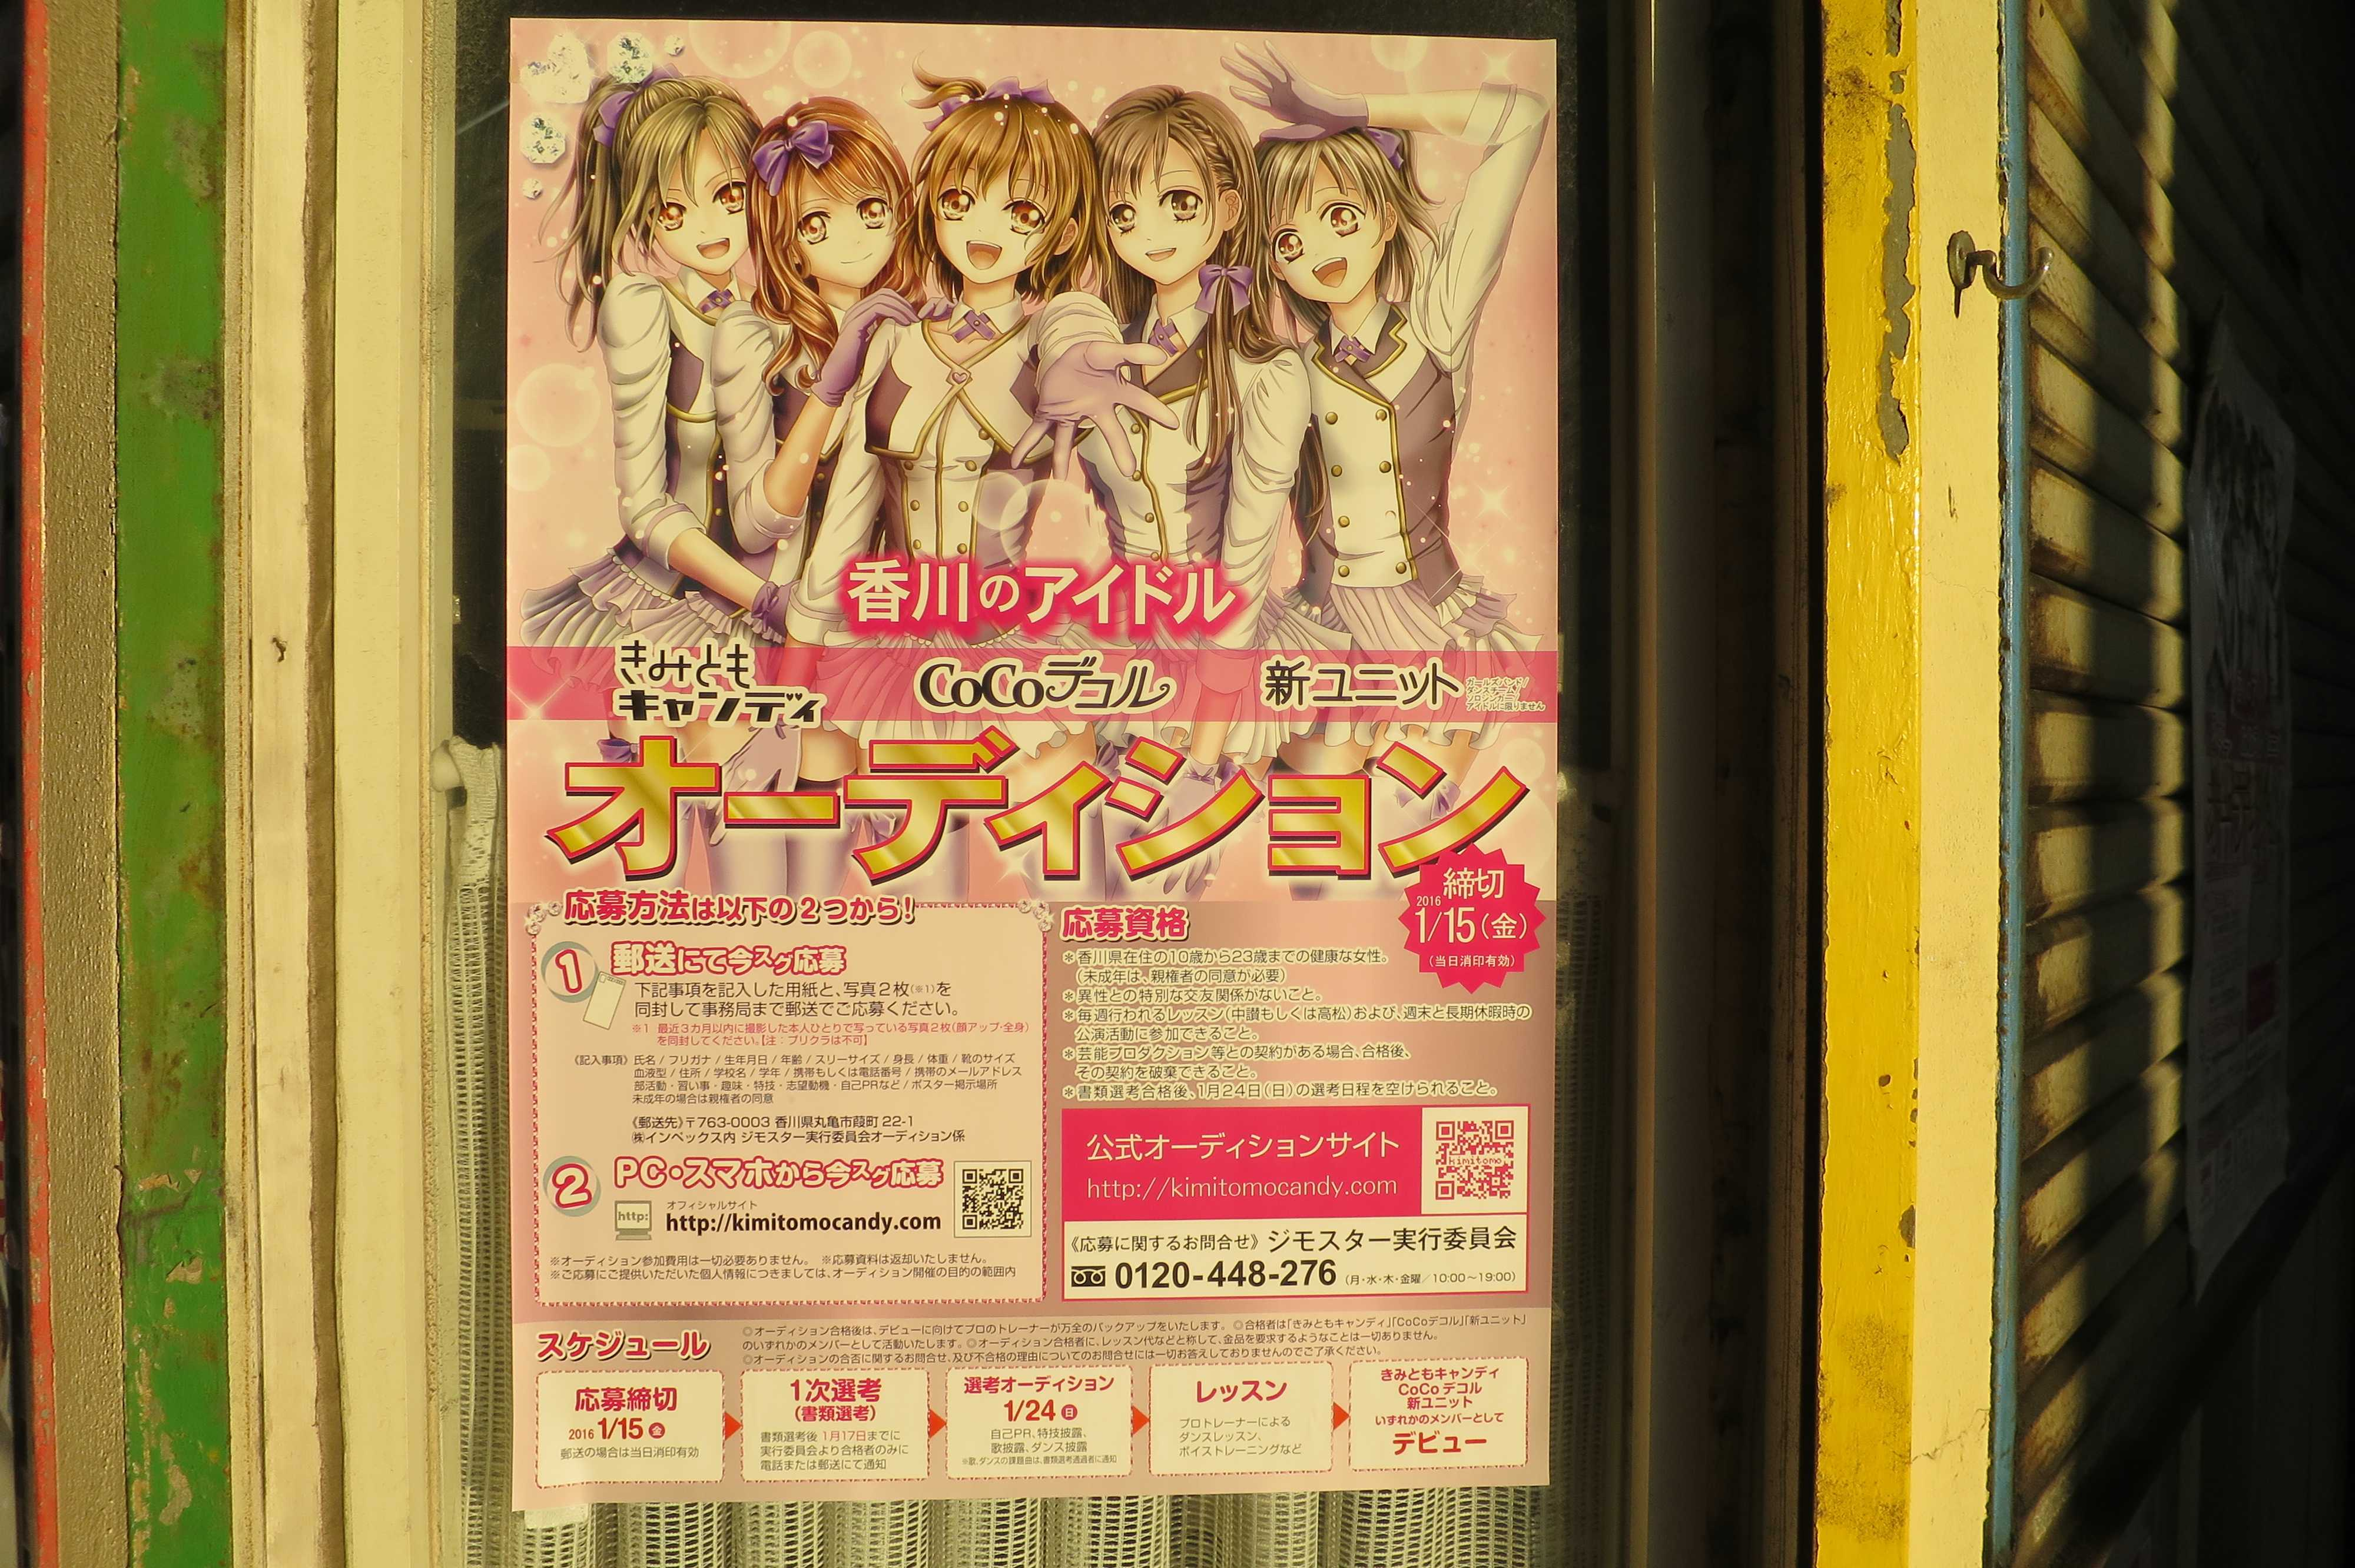 きみともキャンディ、CoCoデコル、新ユニット - 香川のアイドルオーディション